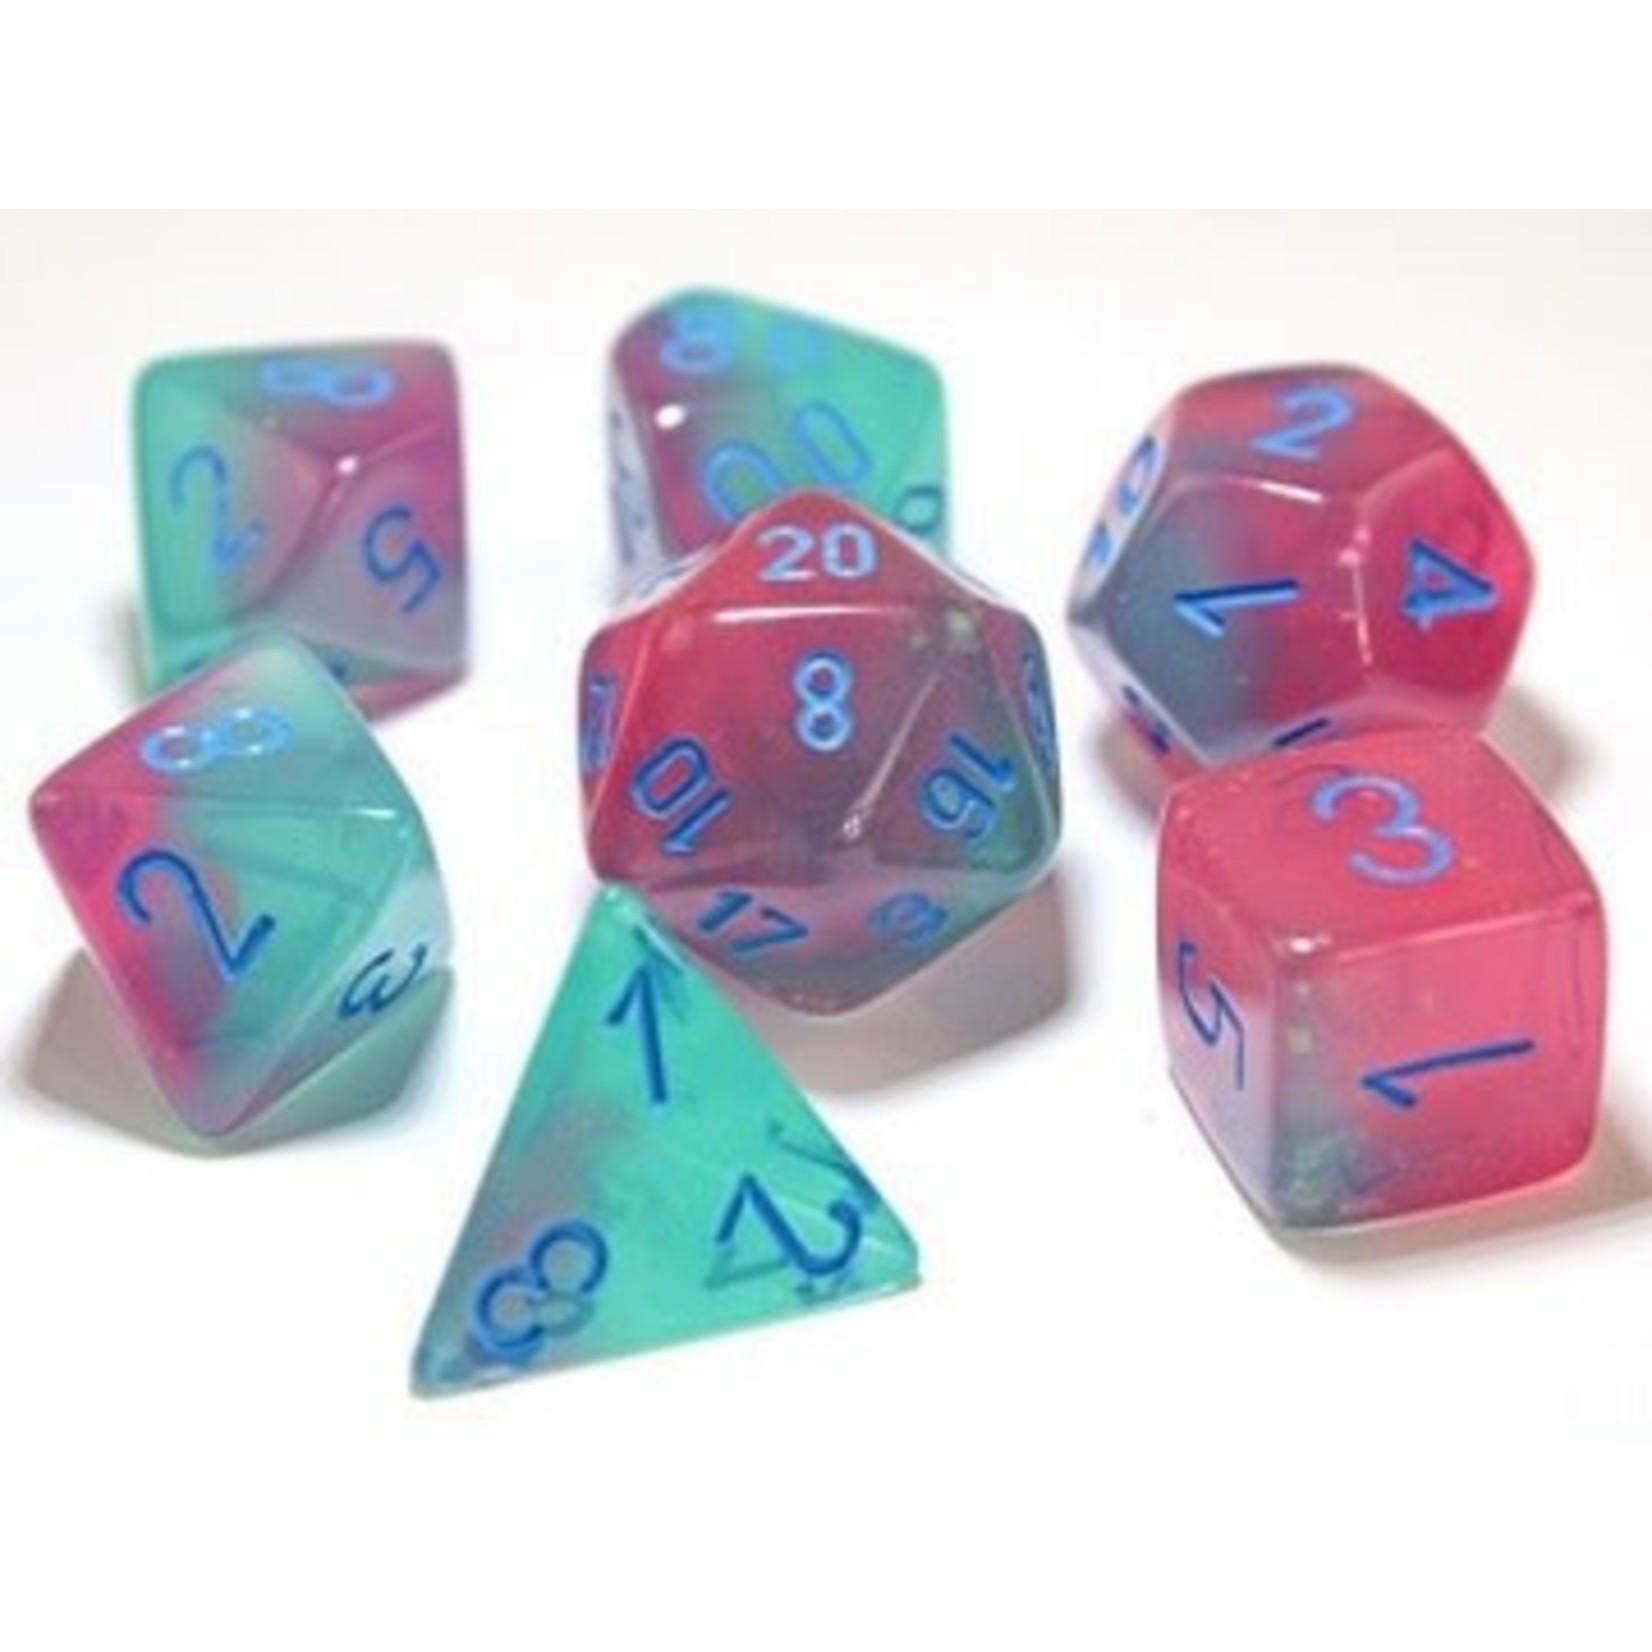 Chessex Gemini Polyhedral Gel Green-Pink/blue 7-Die Set